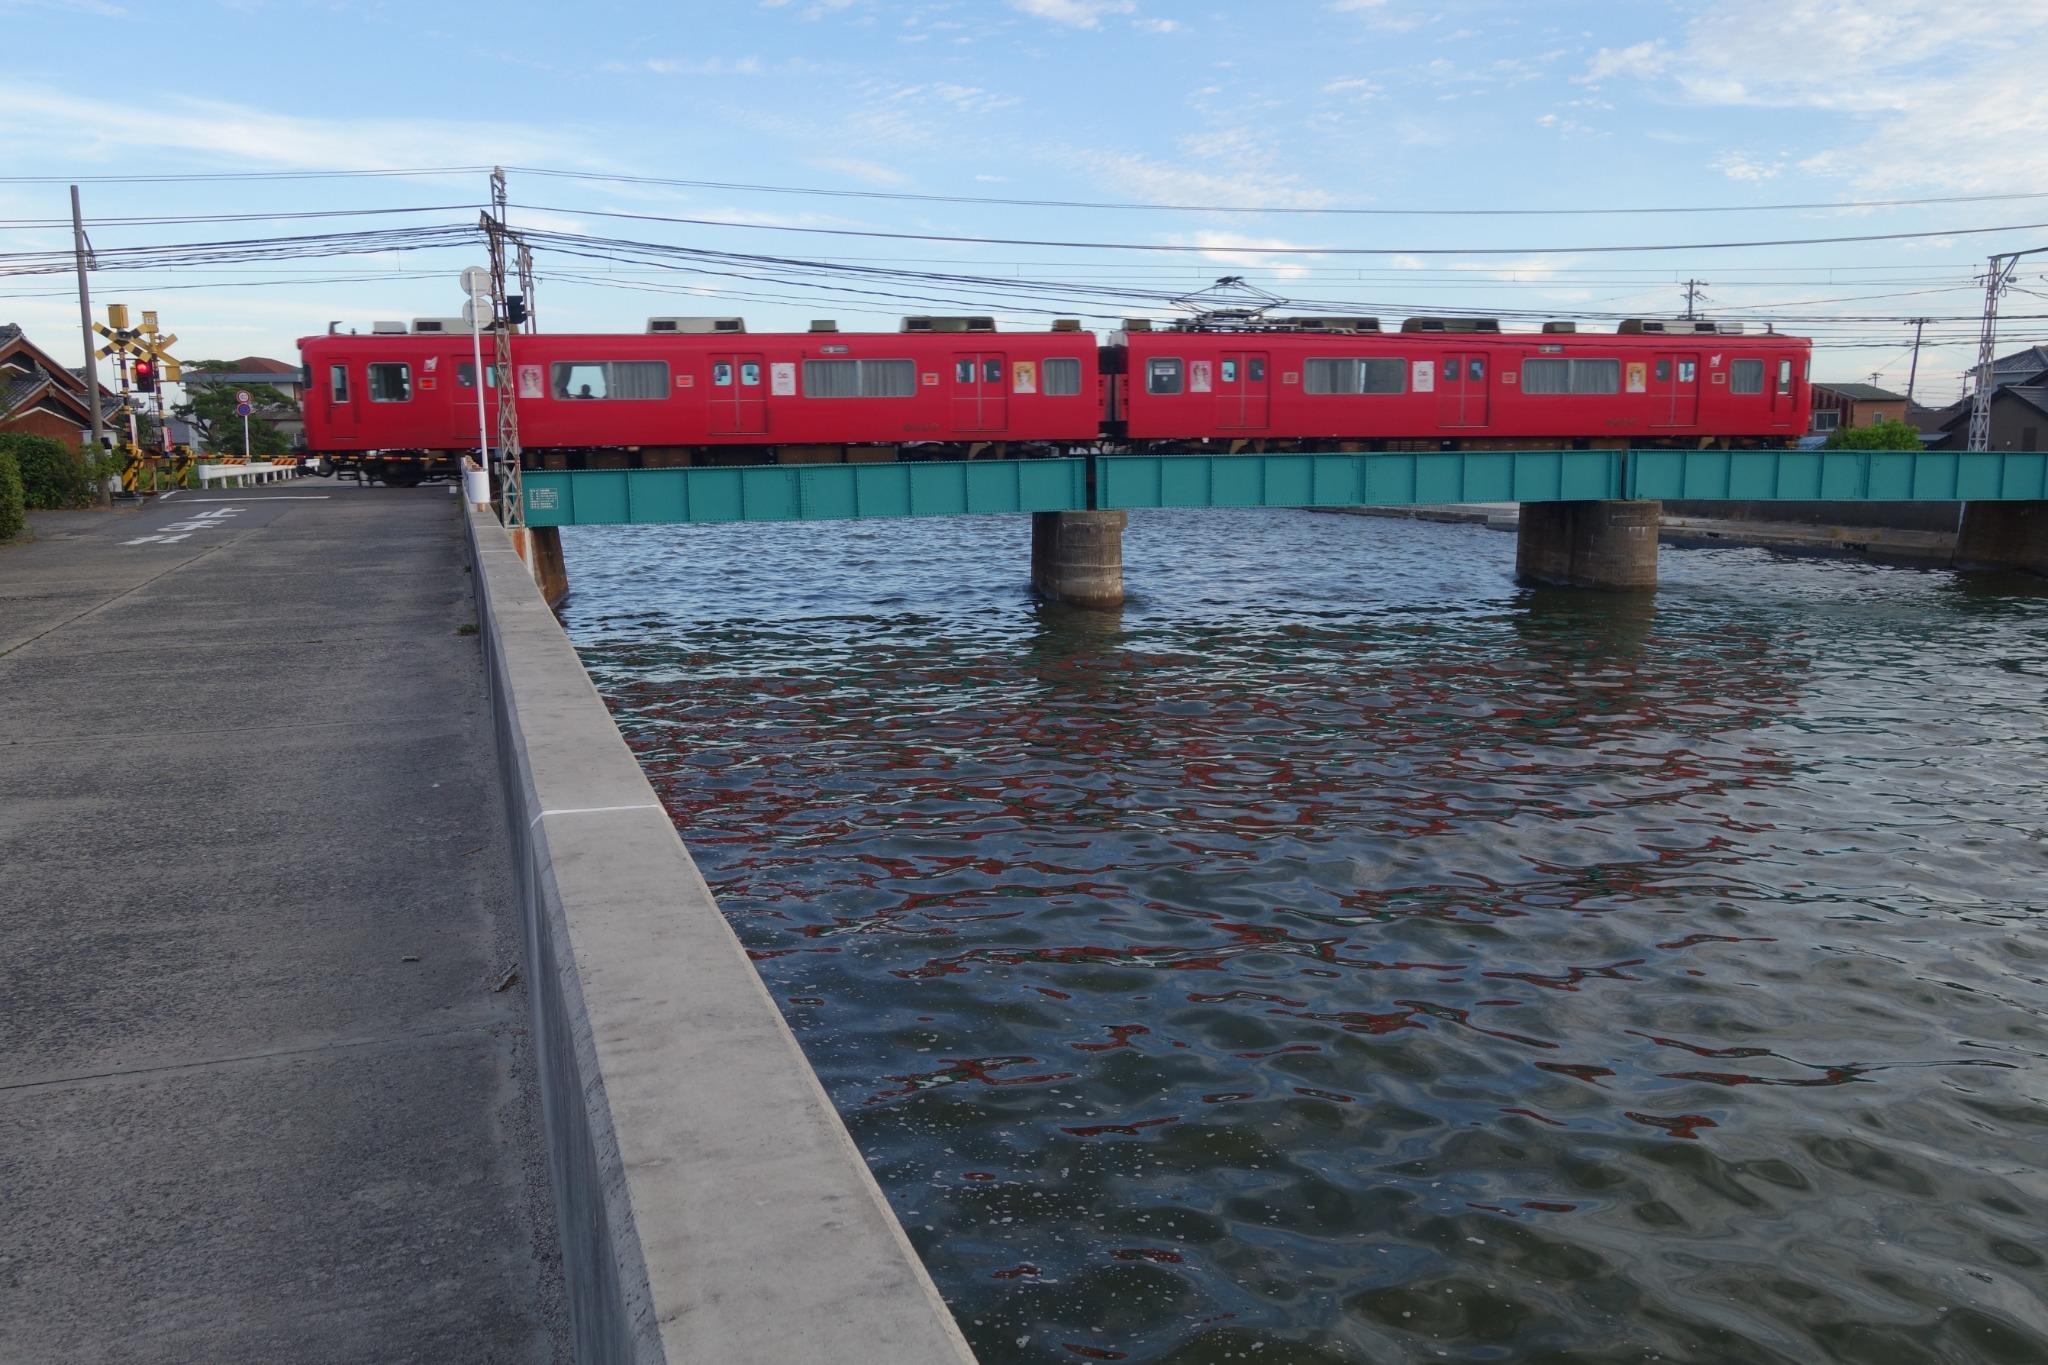 矢崎川と名鉄の赤い電車